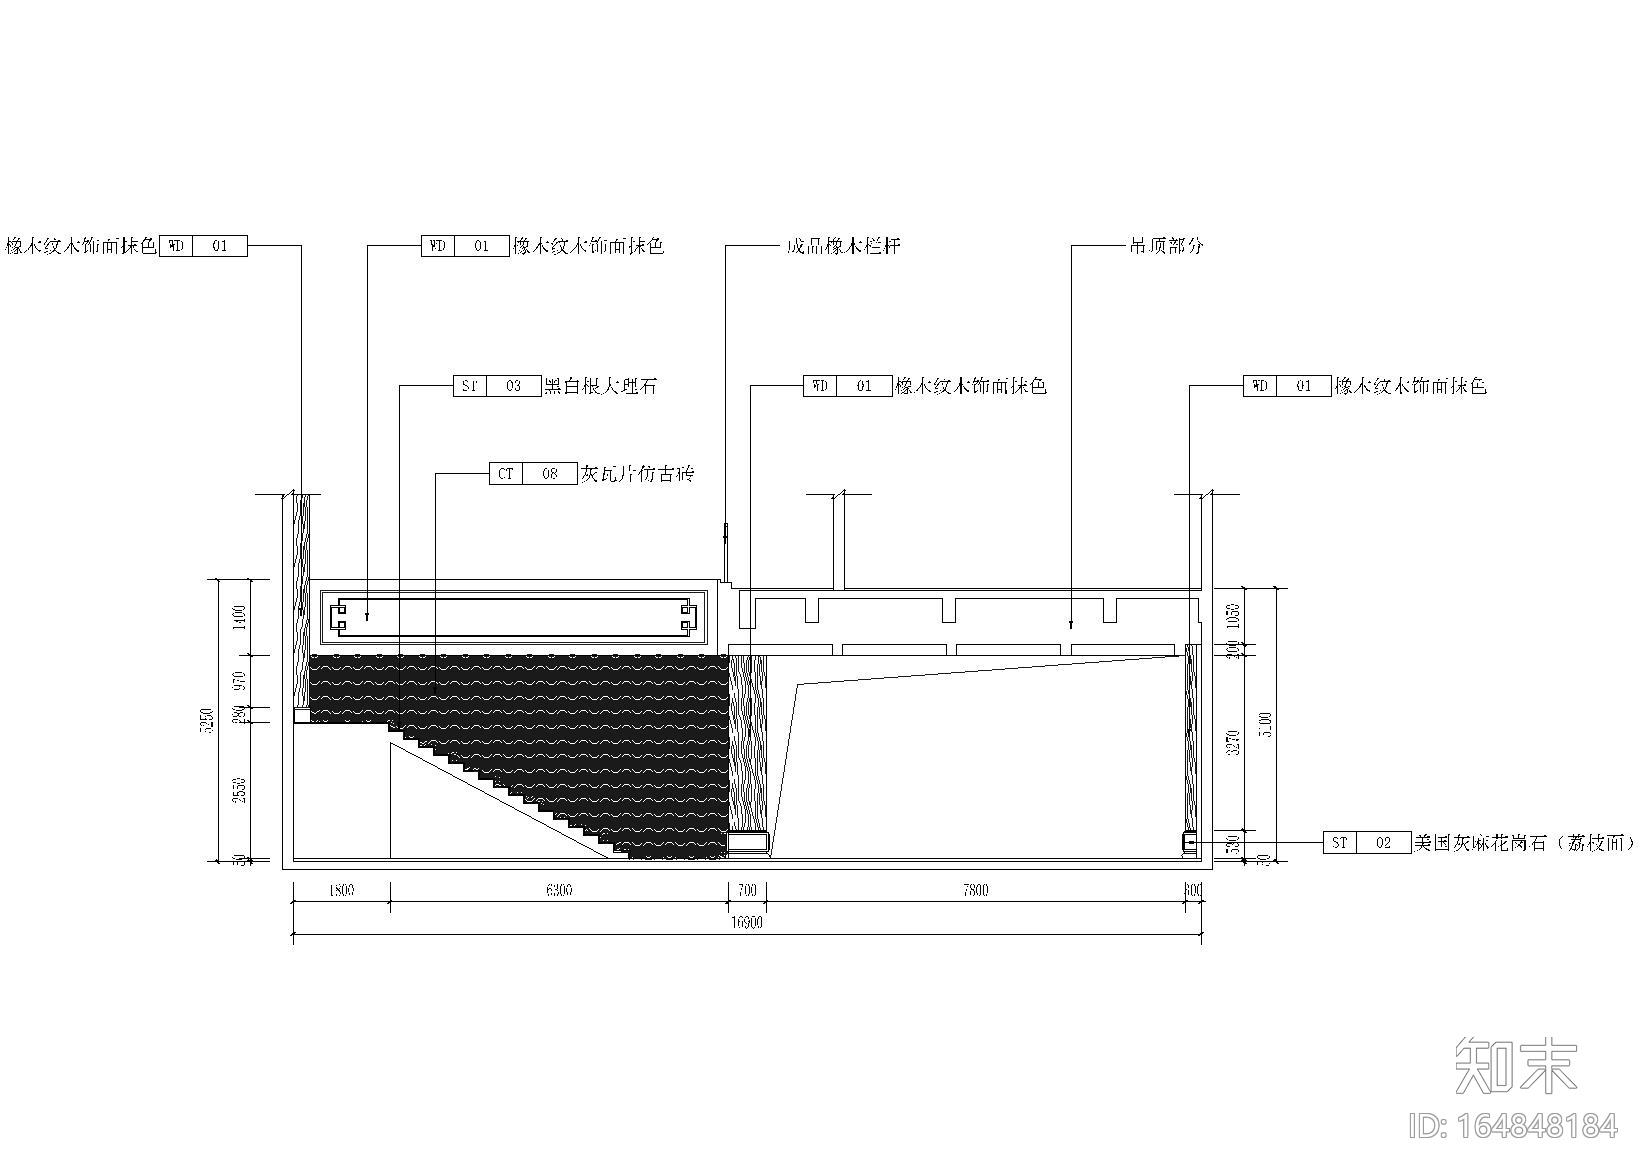 [安顺]华宇-游客接待中心施工图+工程量清单施工图下载【ID:164848184】